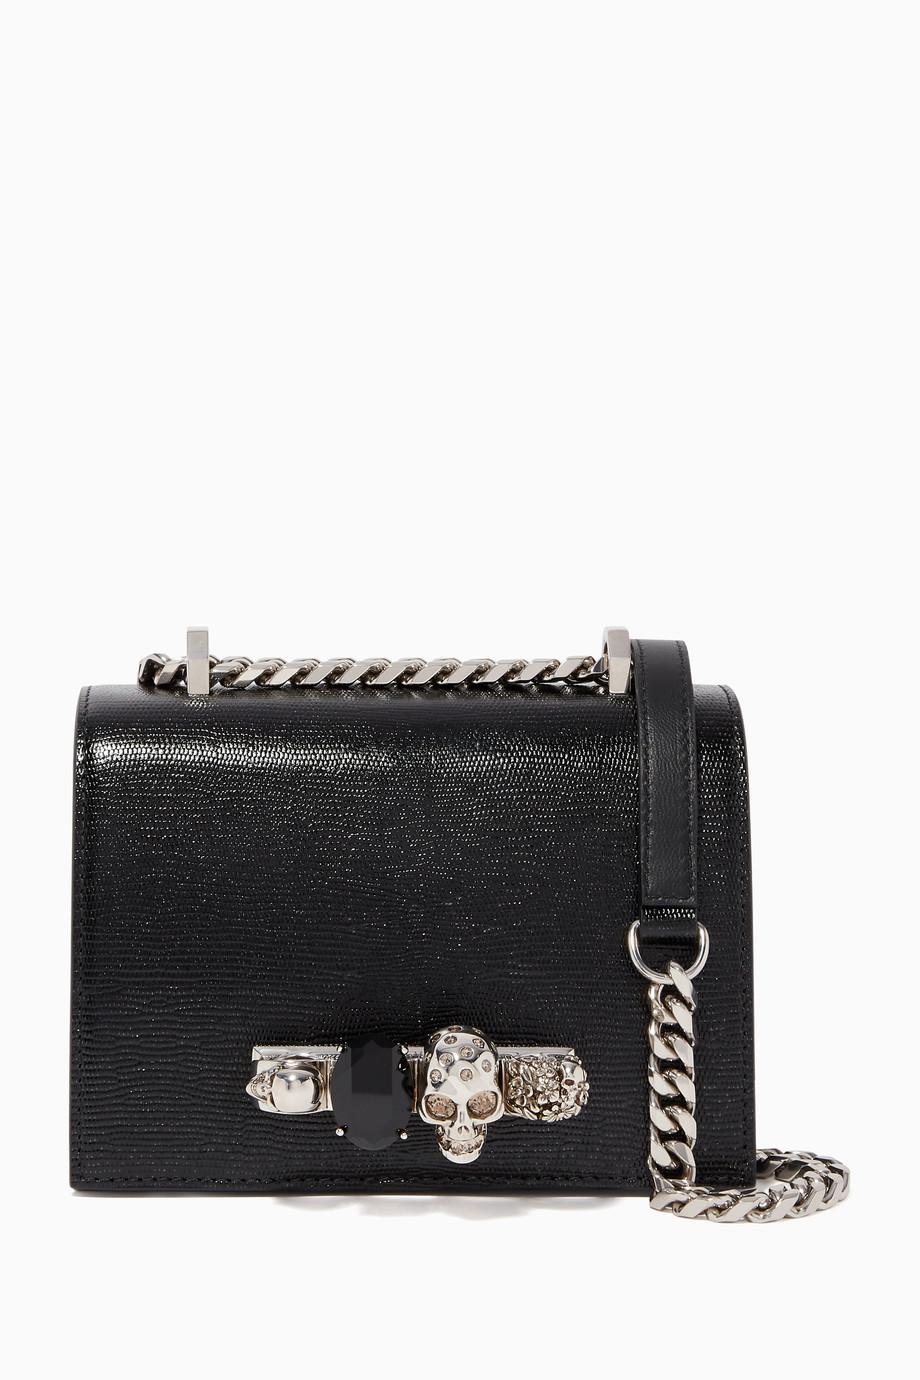 حقيبة ساتشل جلد صغيرة مرصعة بالجواهر